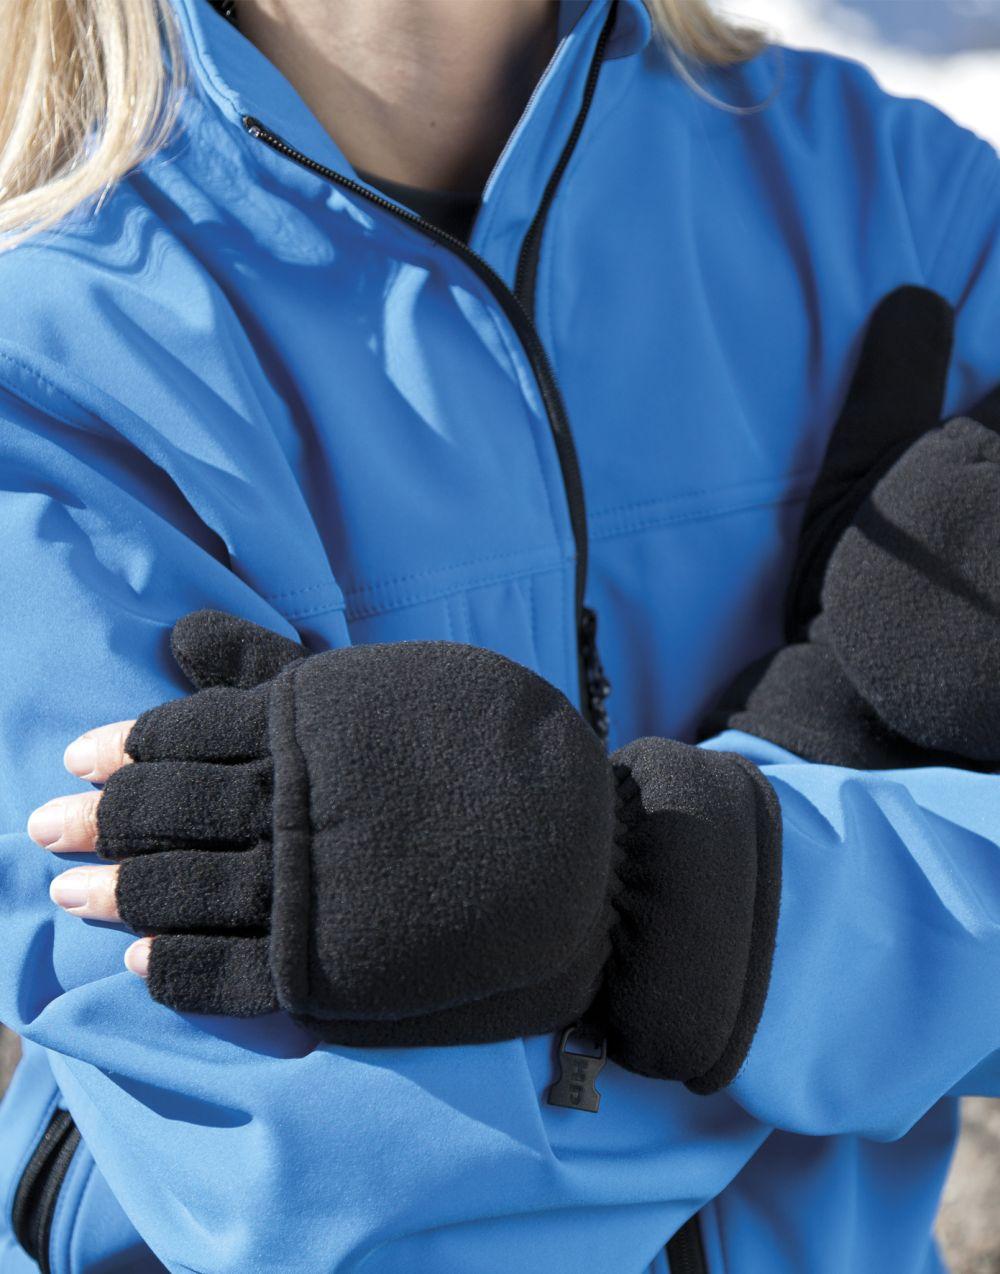 Guantes invierno result guantes mitones palmgrip con publicidad vista 2